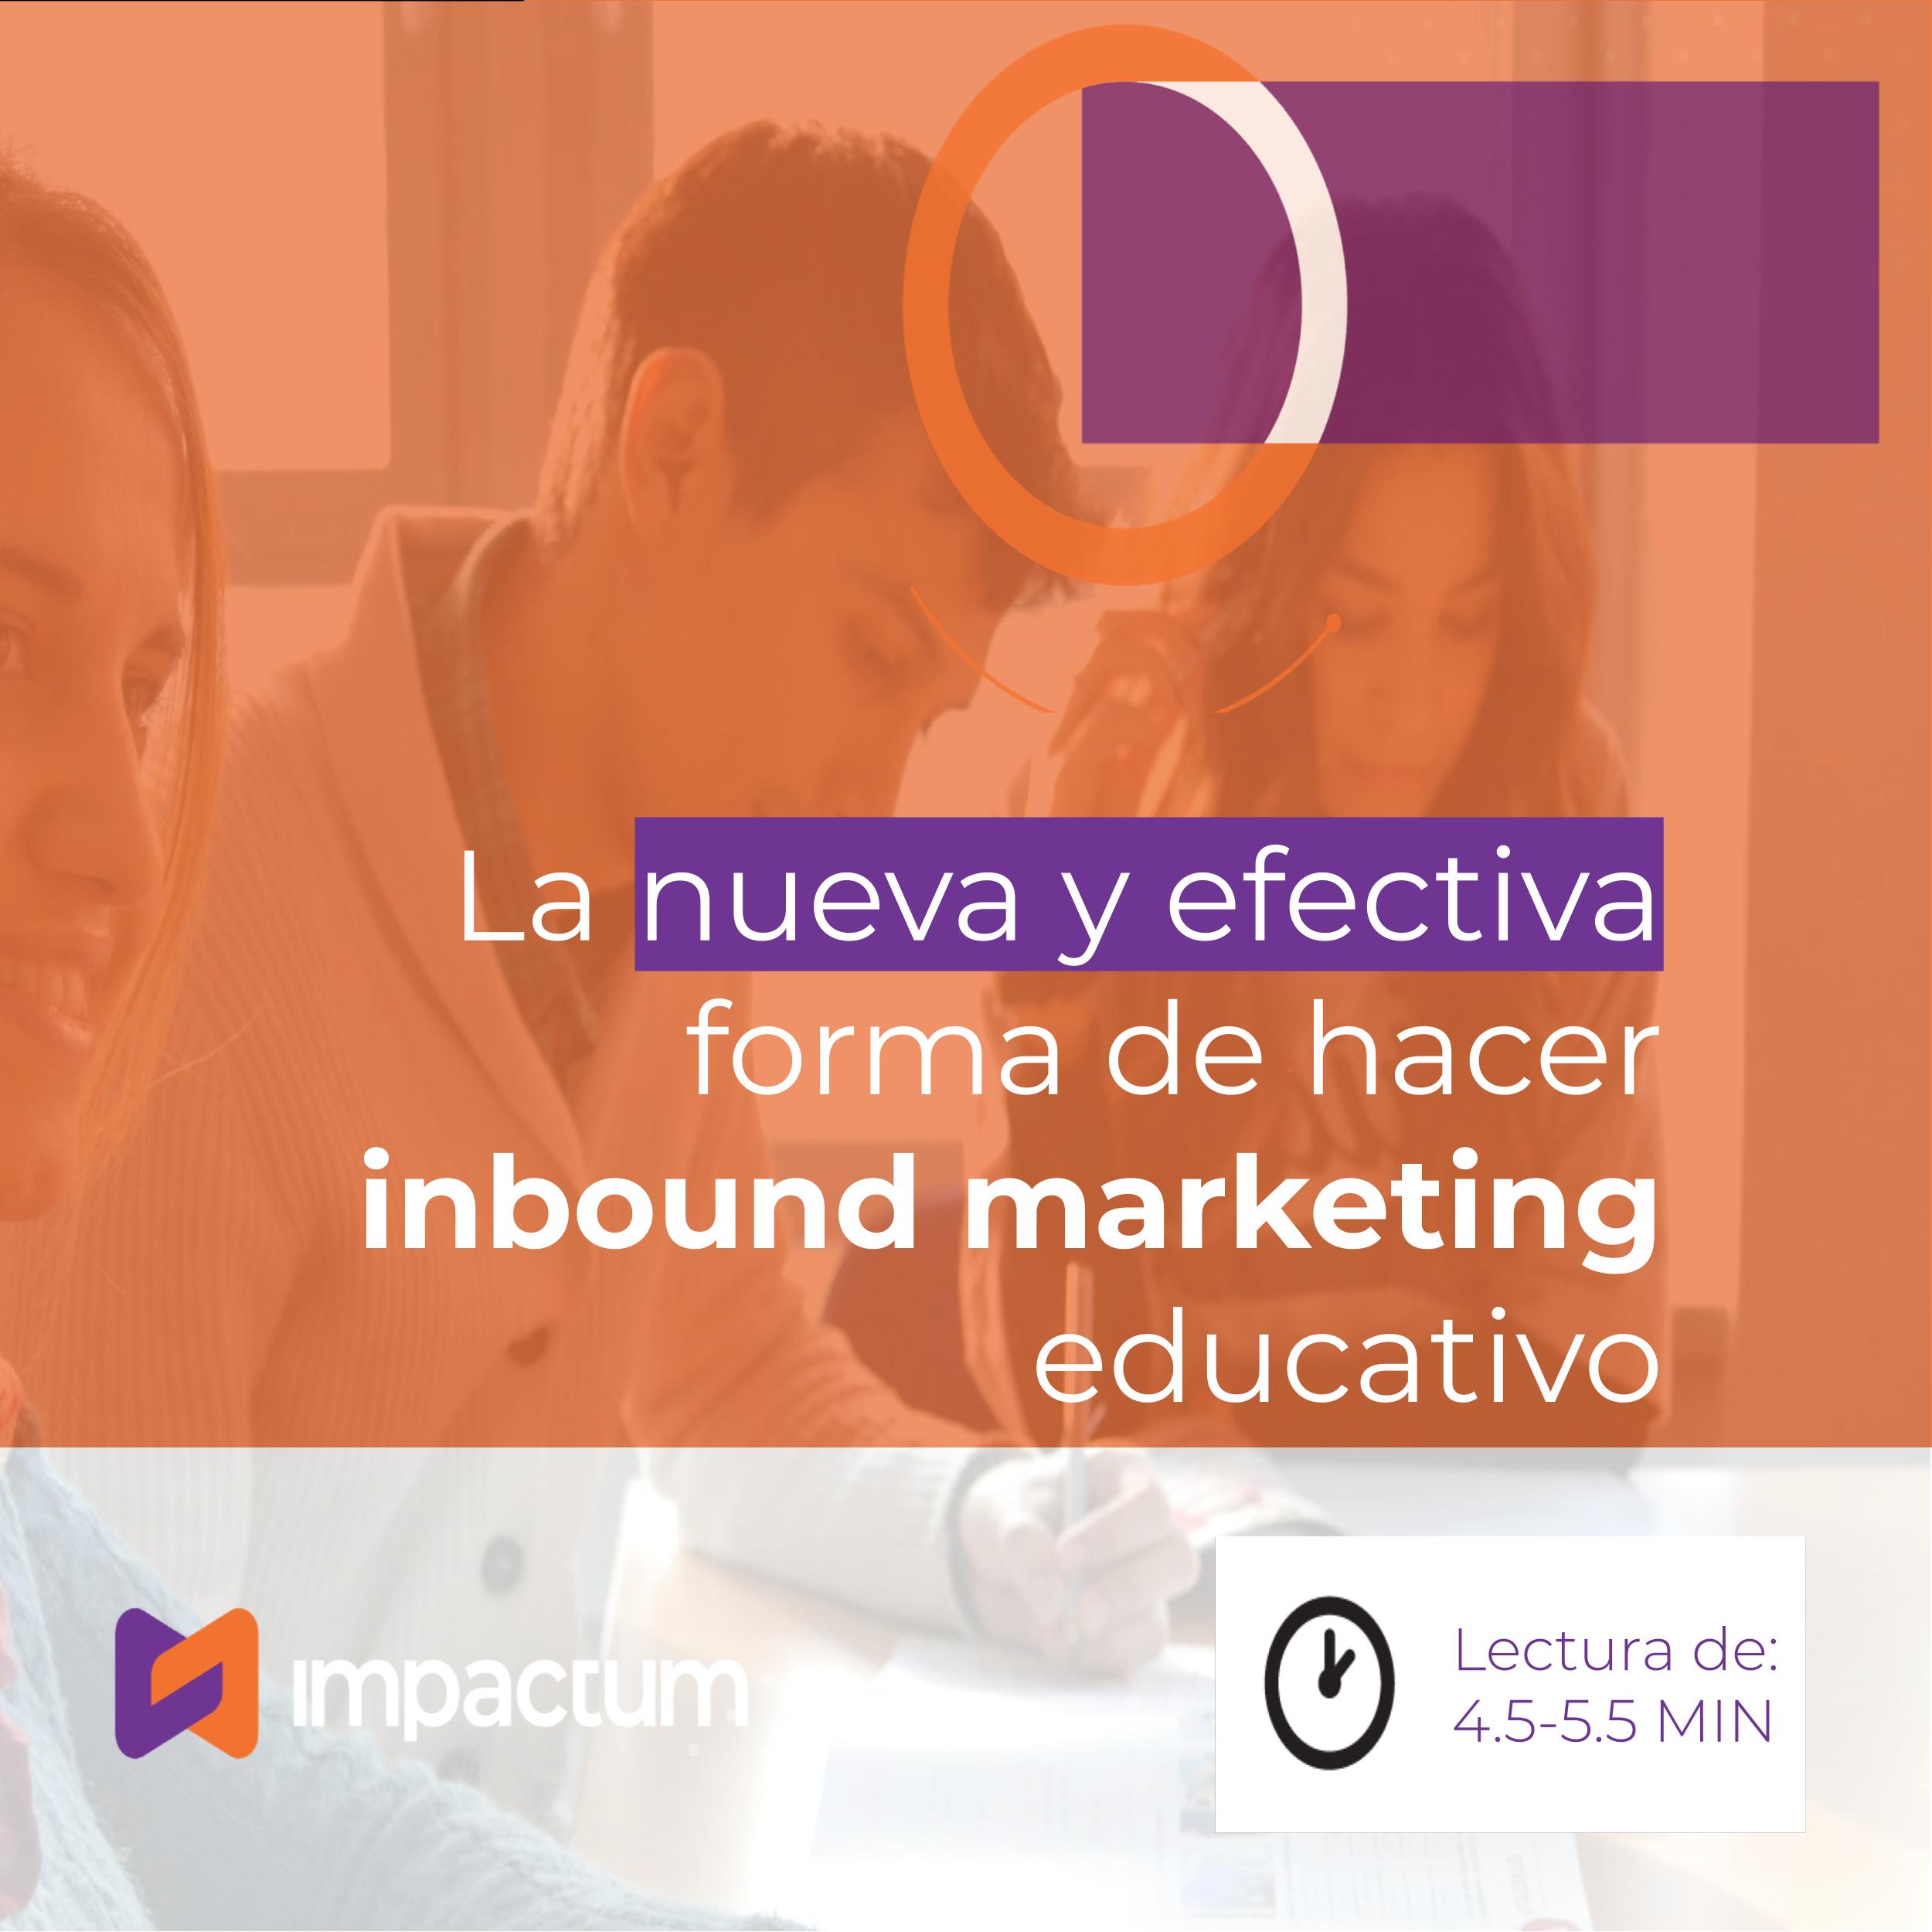 La nueva y efectiva forma de hacer inbound marketing educativo